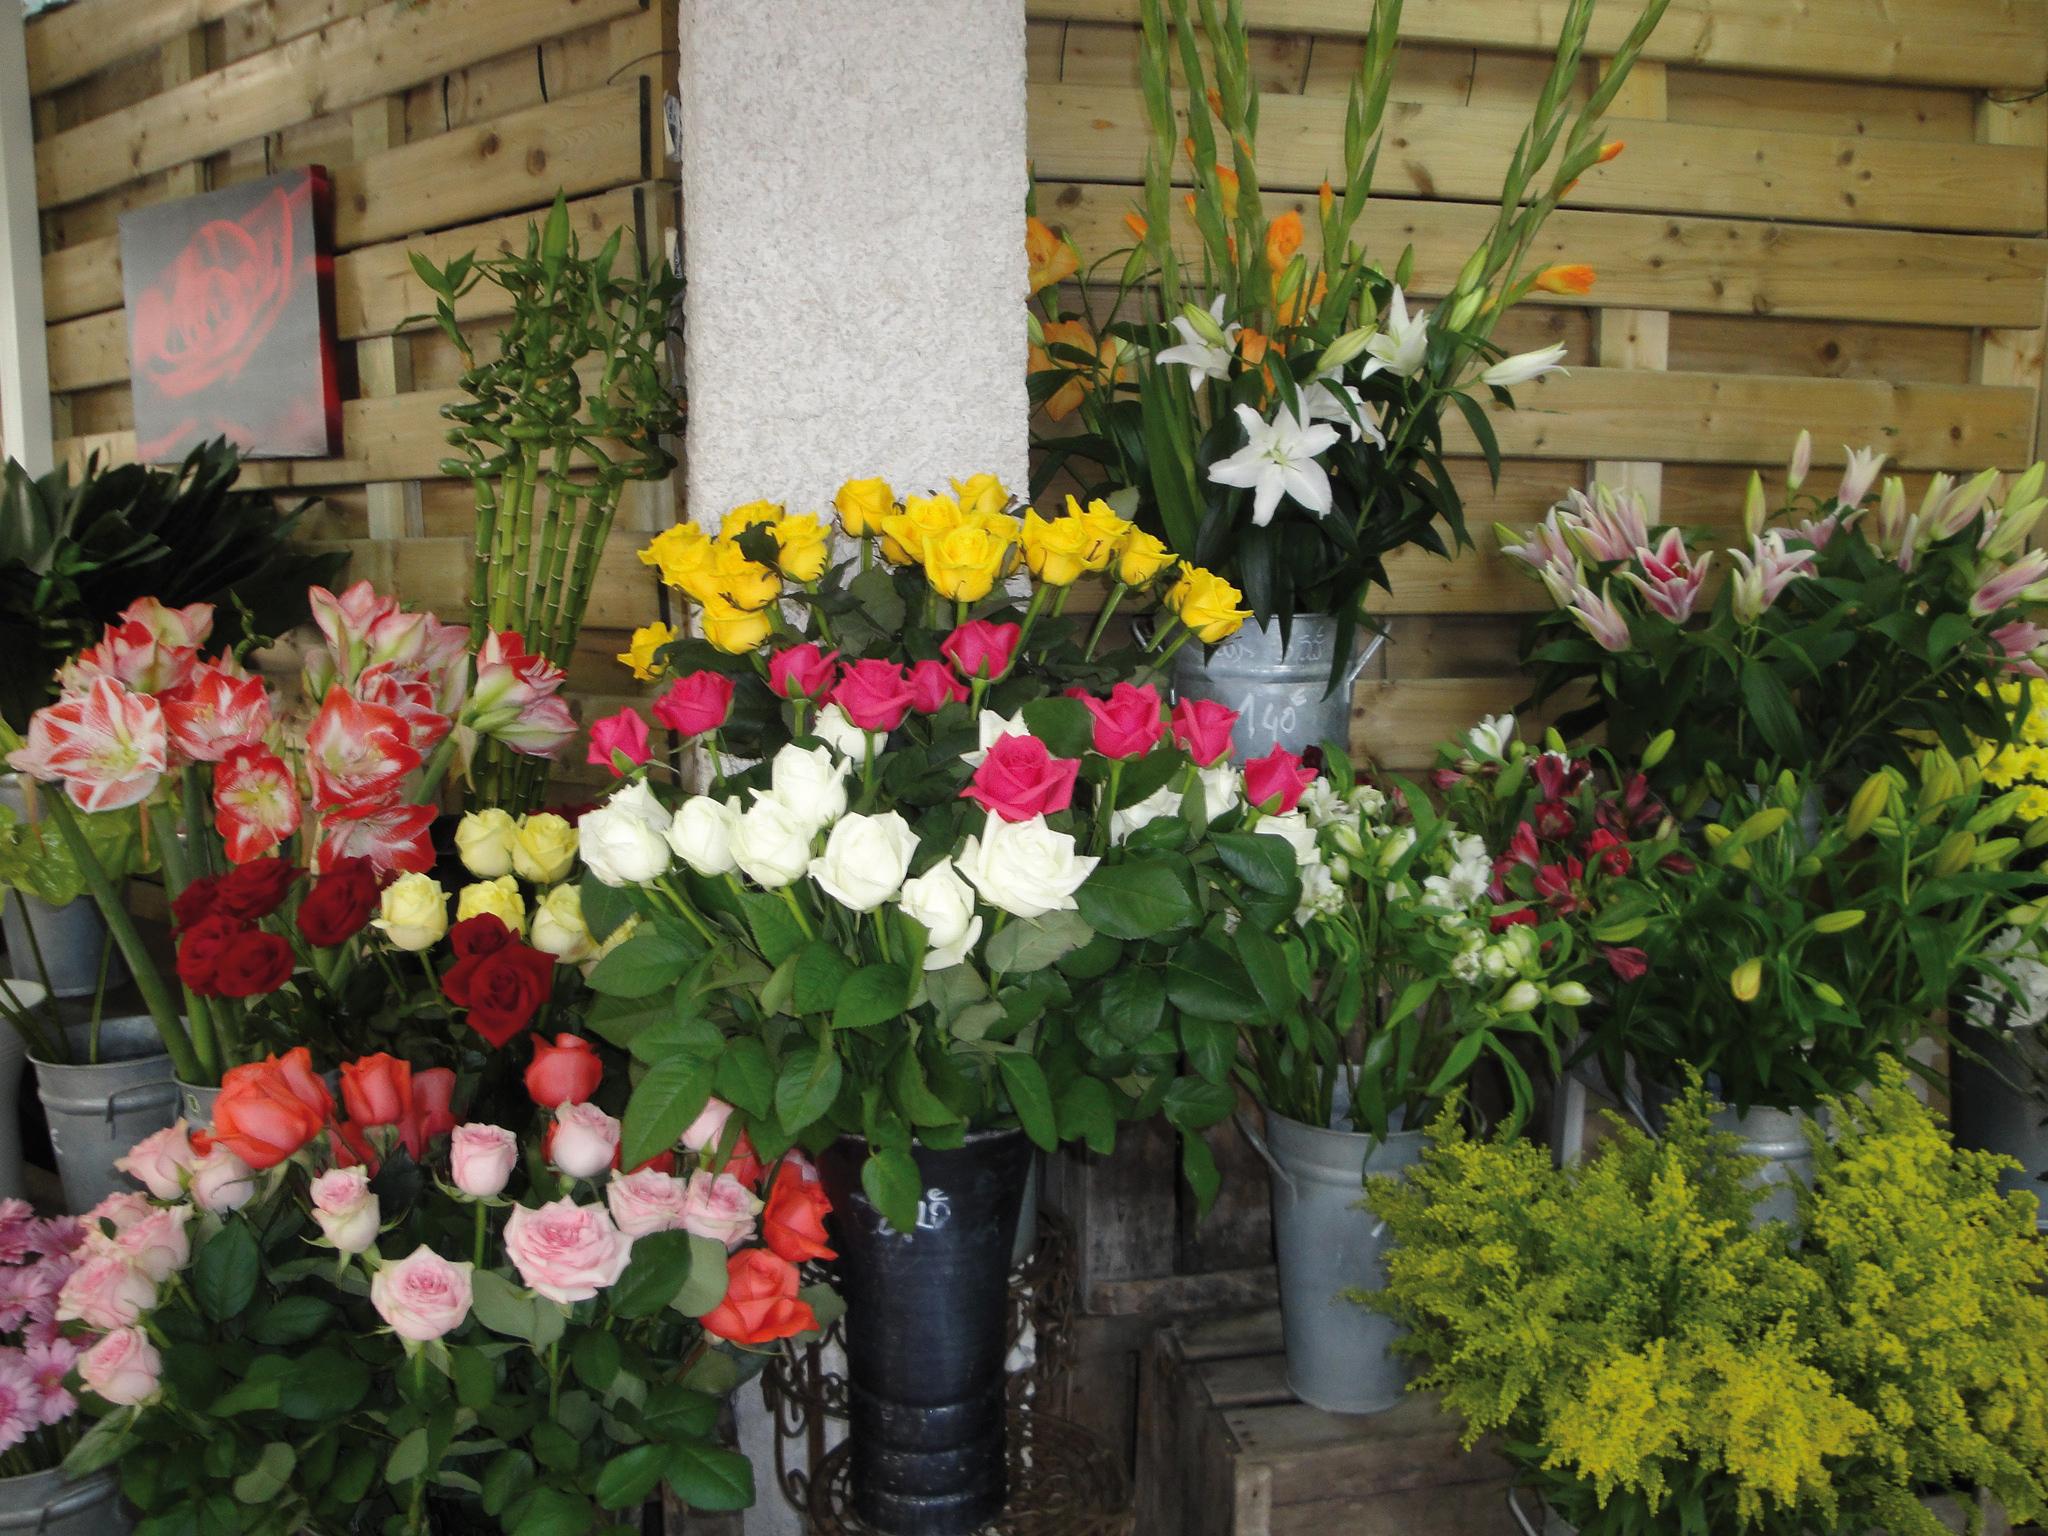 Jardinerie Pas Cher Toulouse jardinerie en ligne : achetez vos plantes, arbres, arbustes